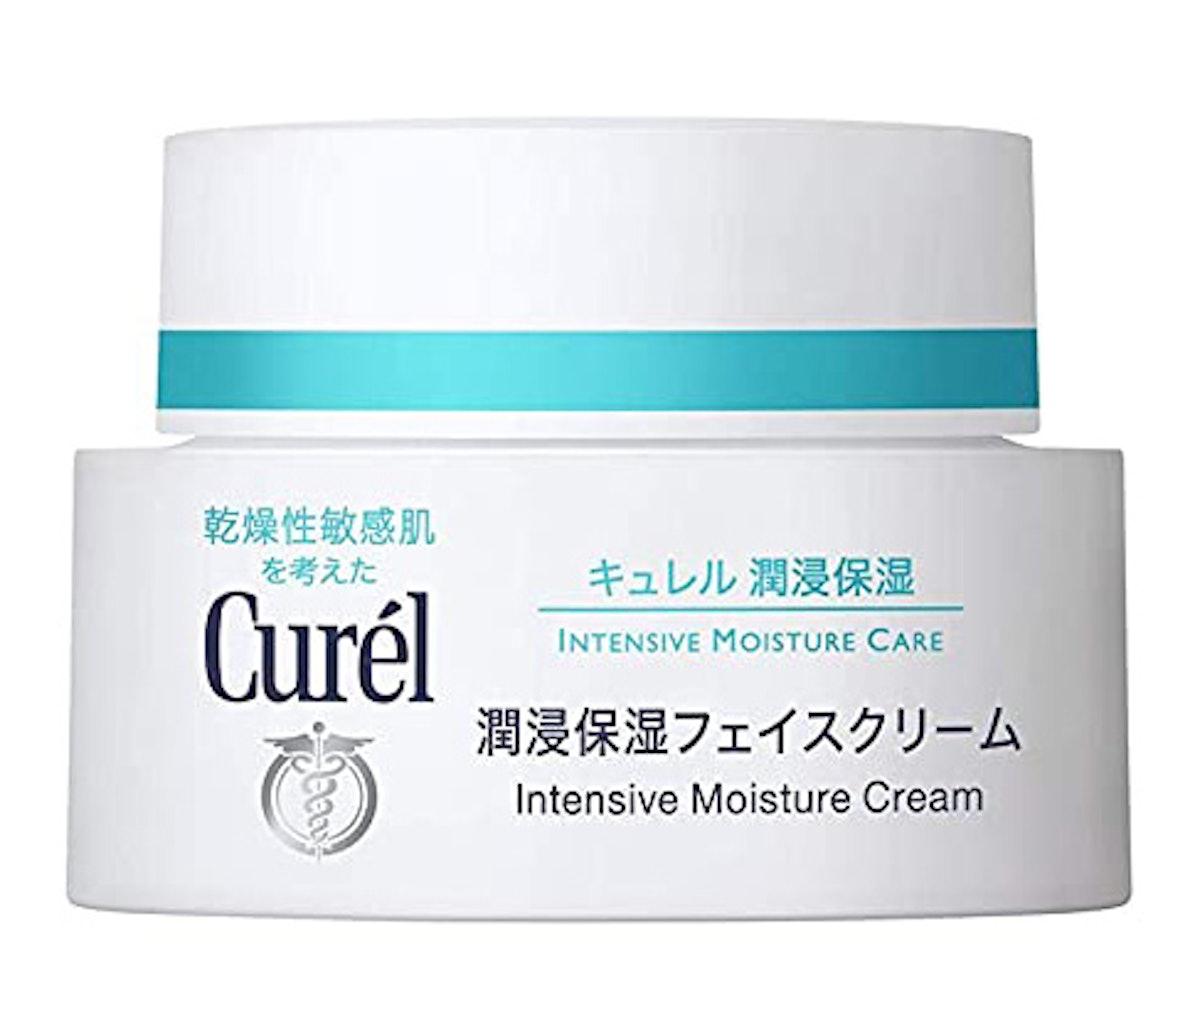 Curel Kao Intensive Moisture Cream